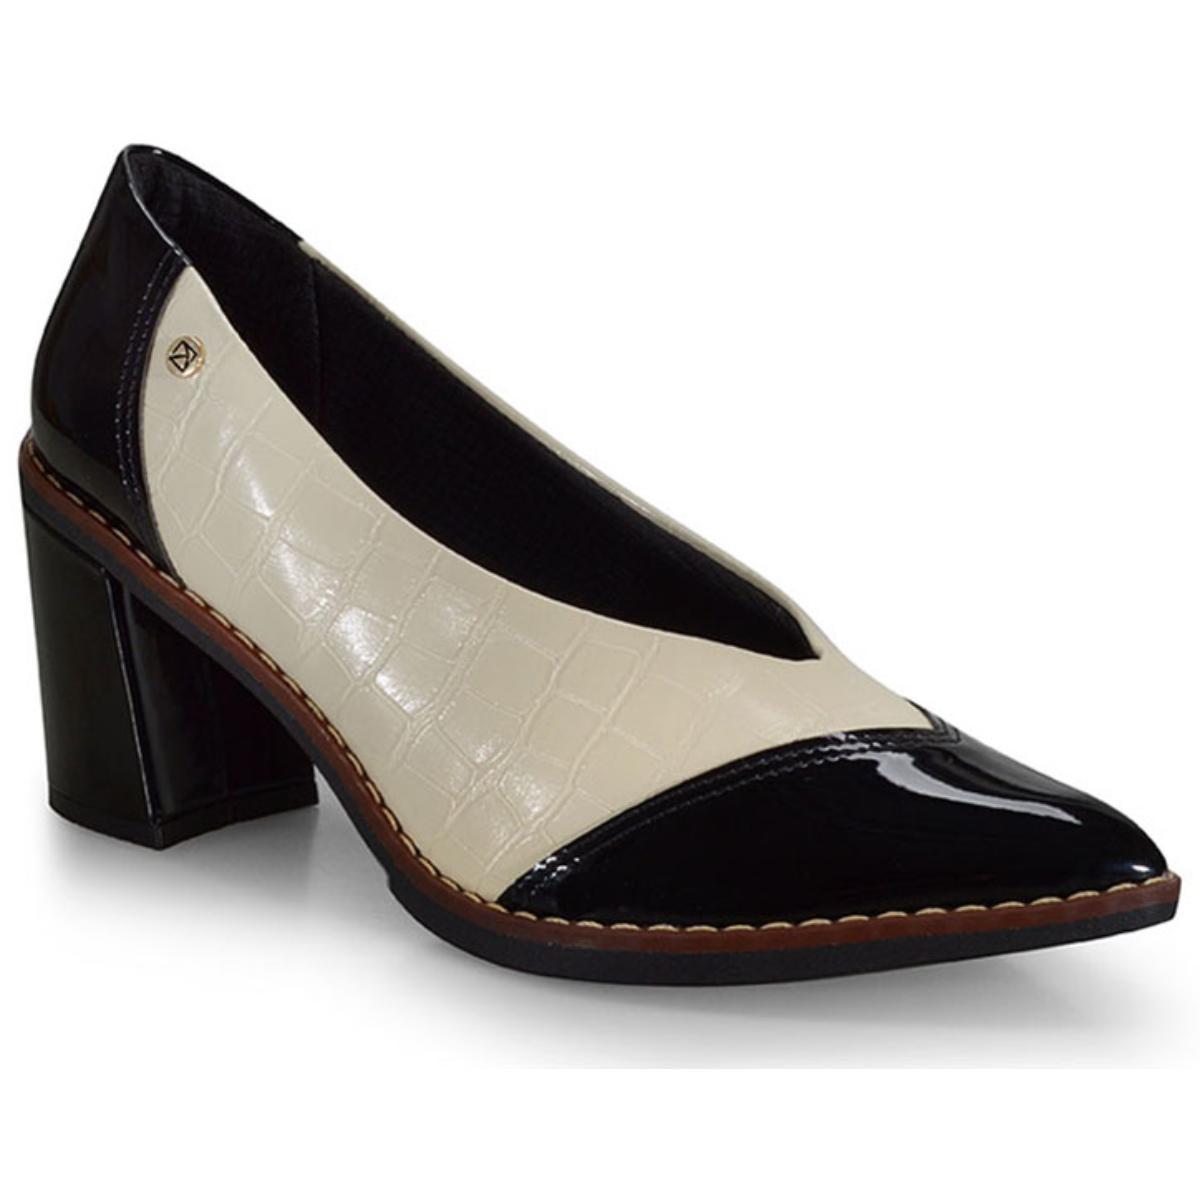 Sapato Feminino Piccadilly 752008 Preto/creme